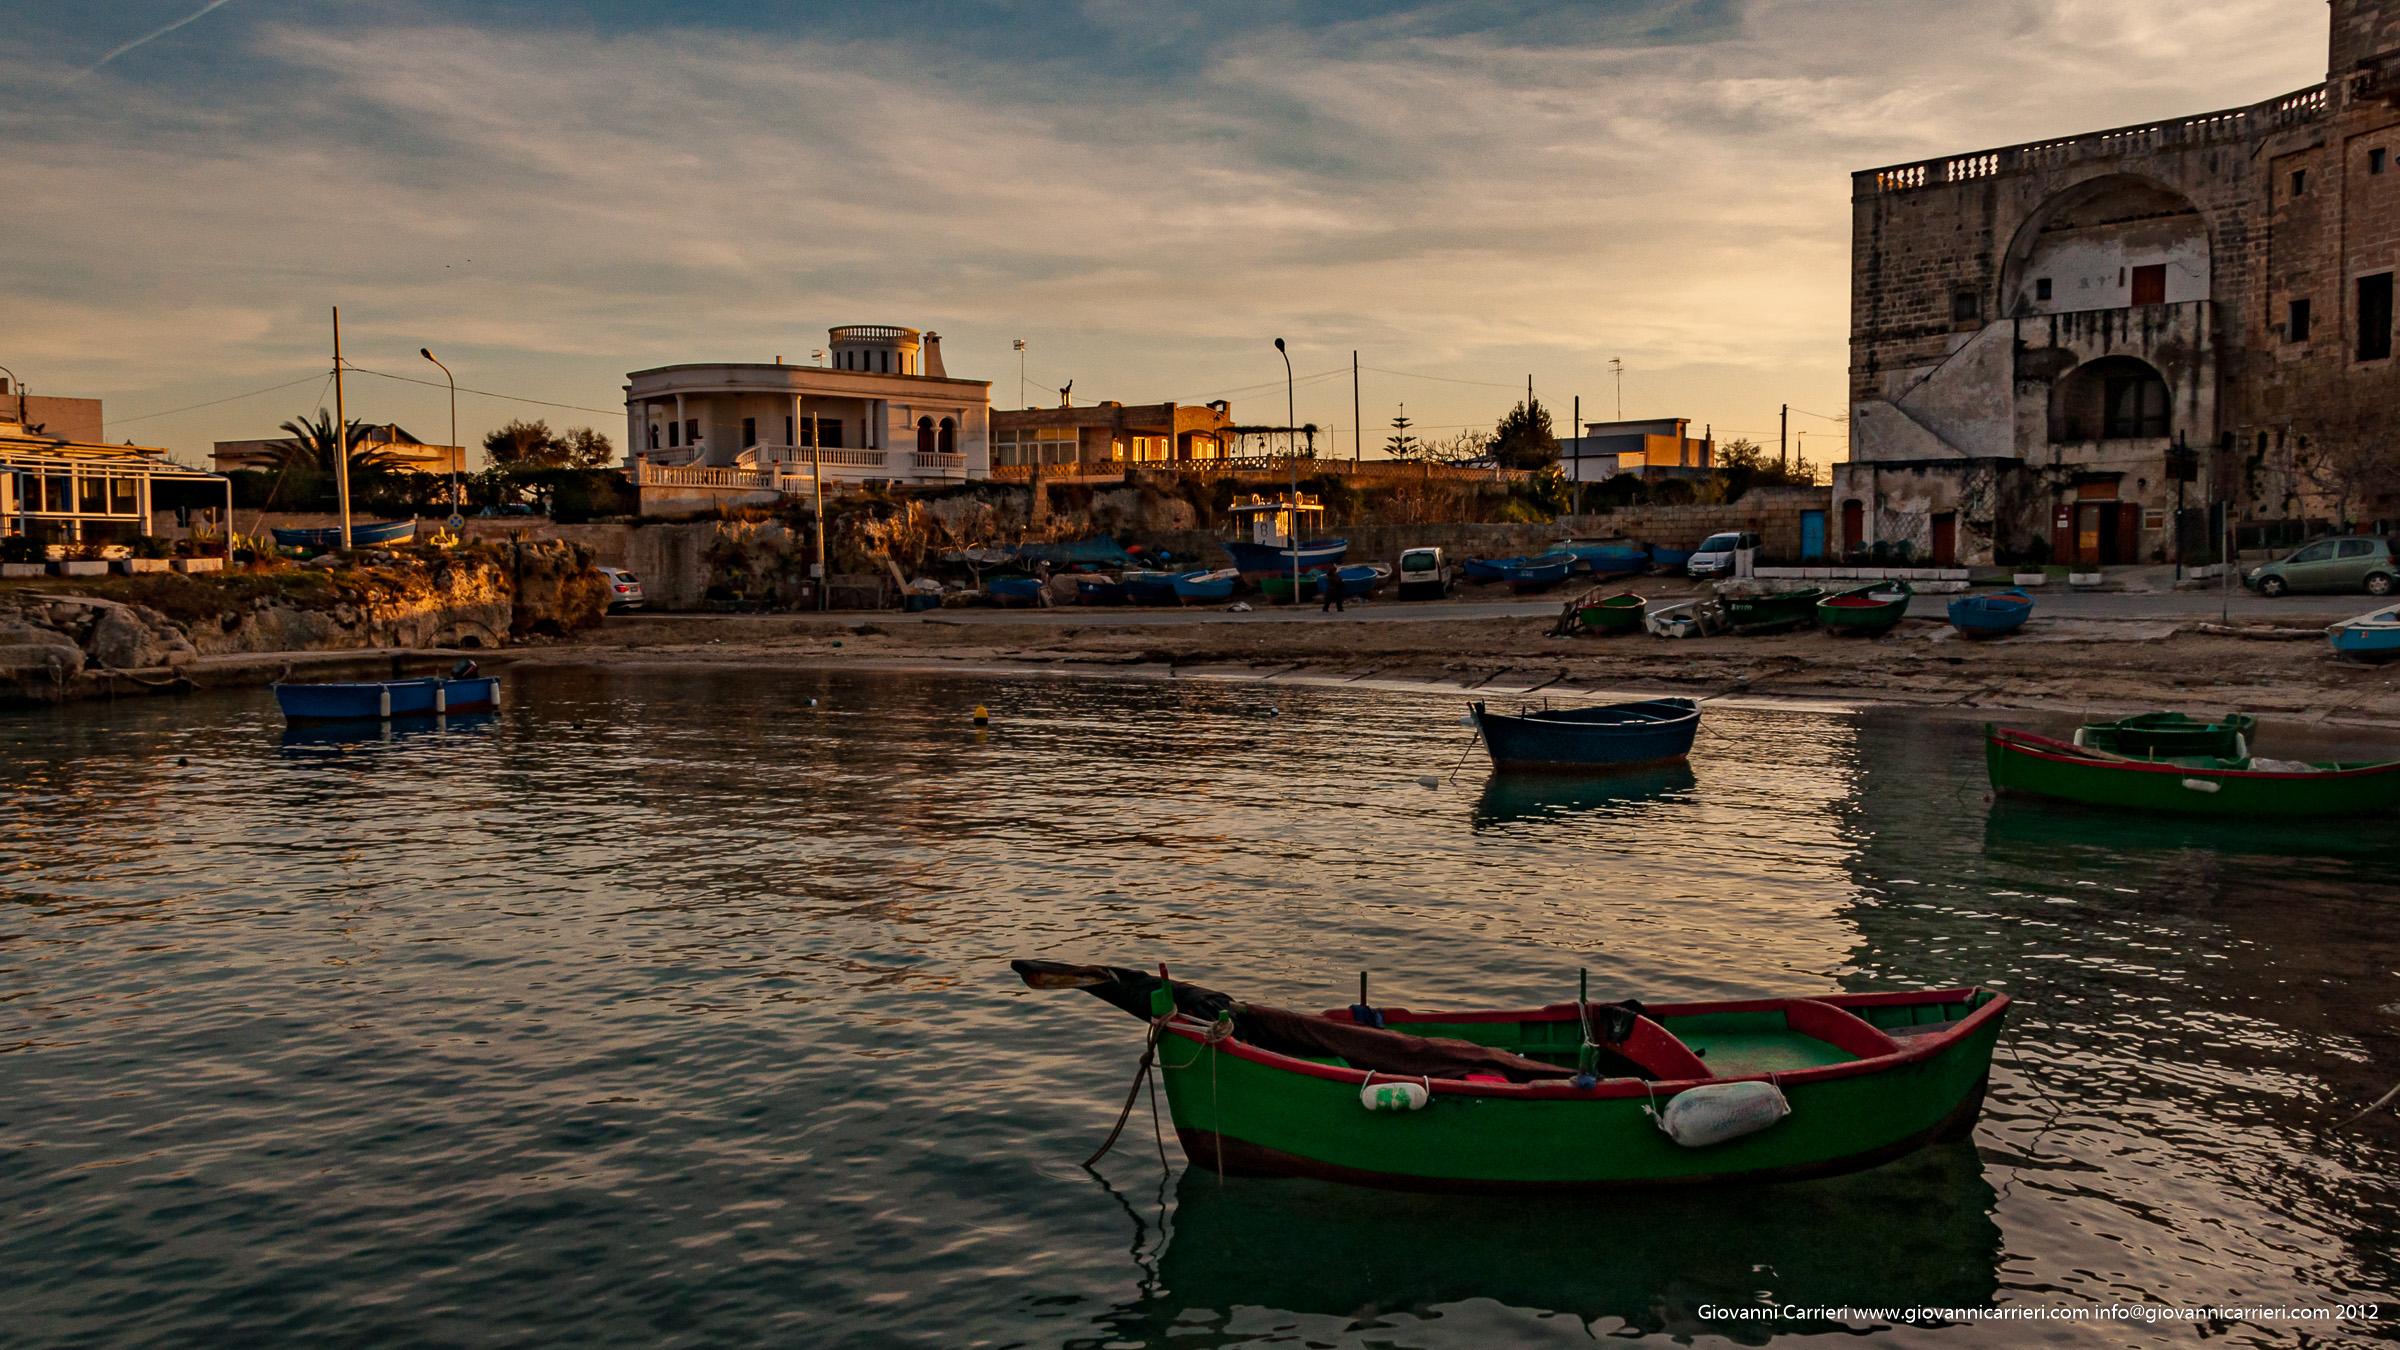 Barche di pescatori all'ombra dell'abazia